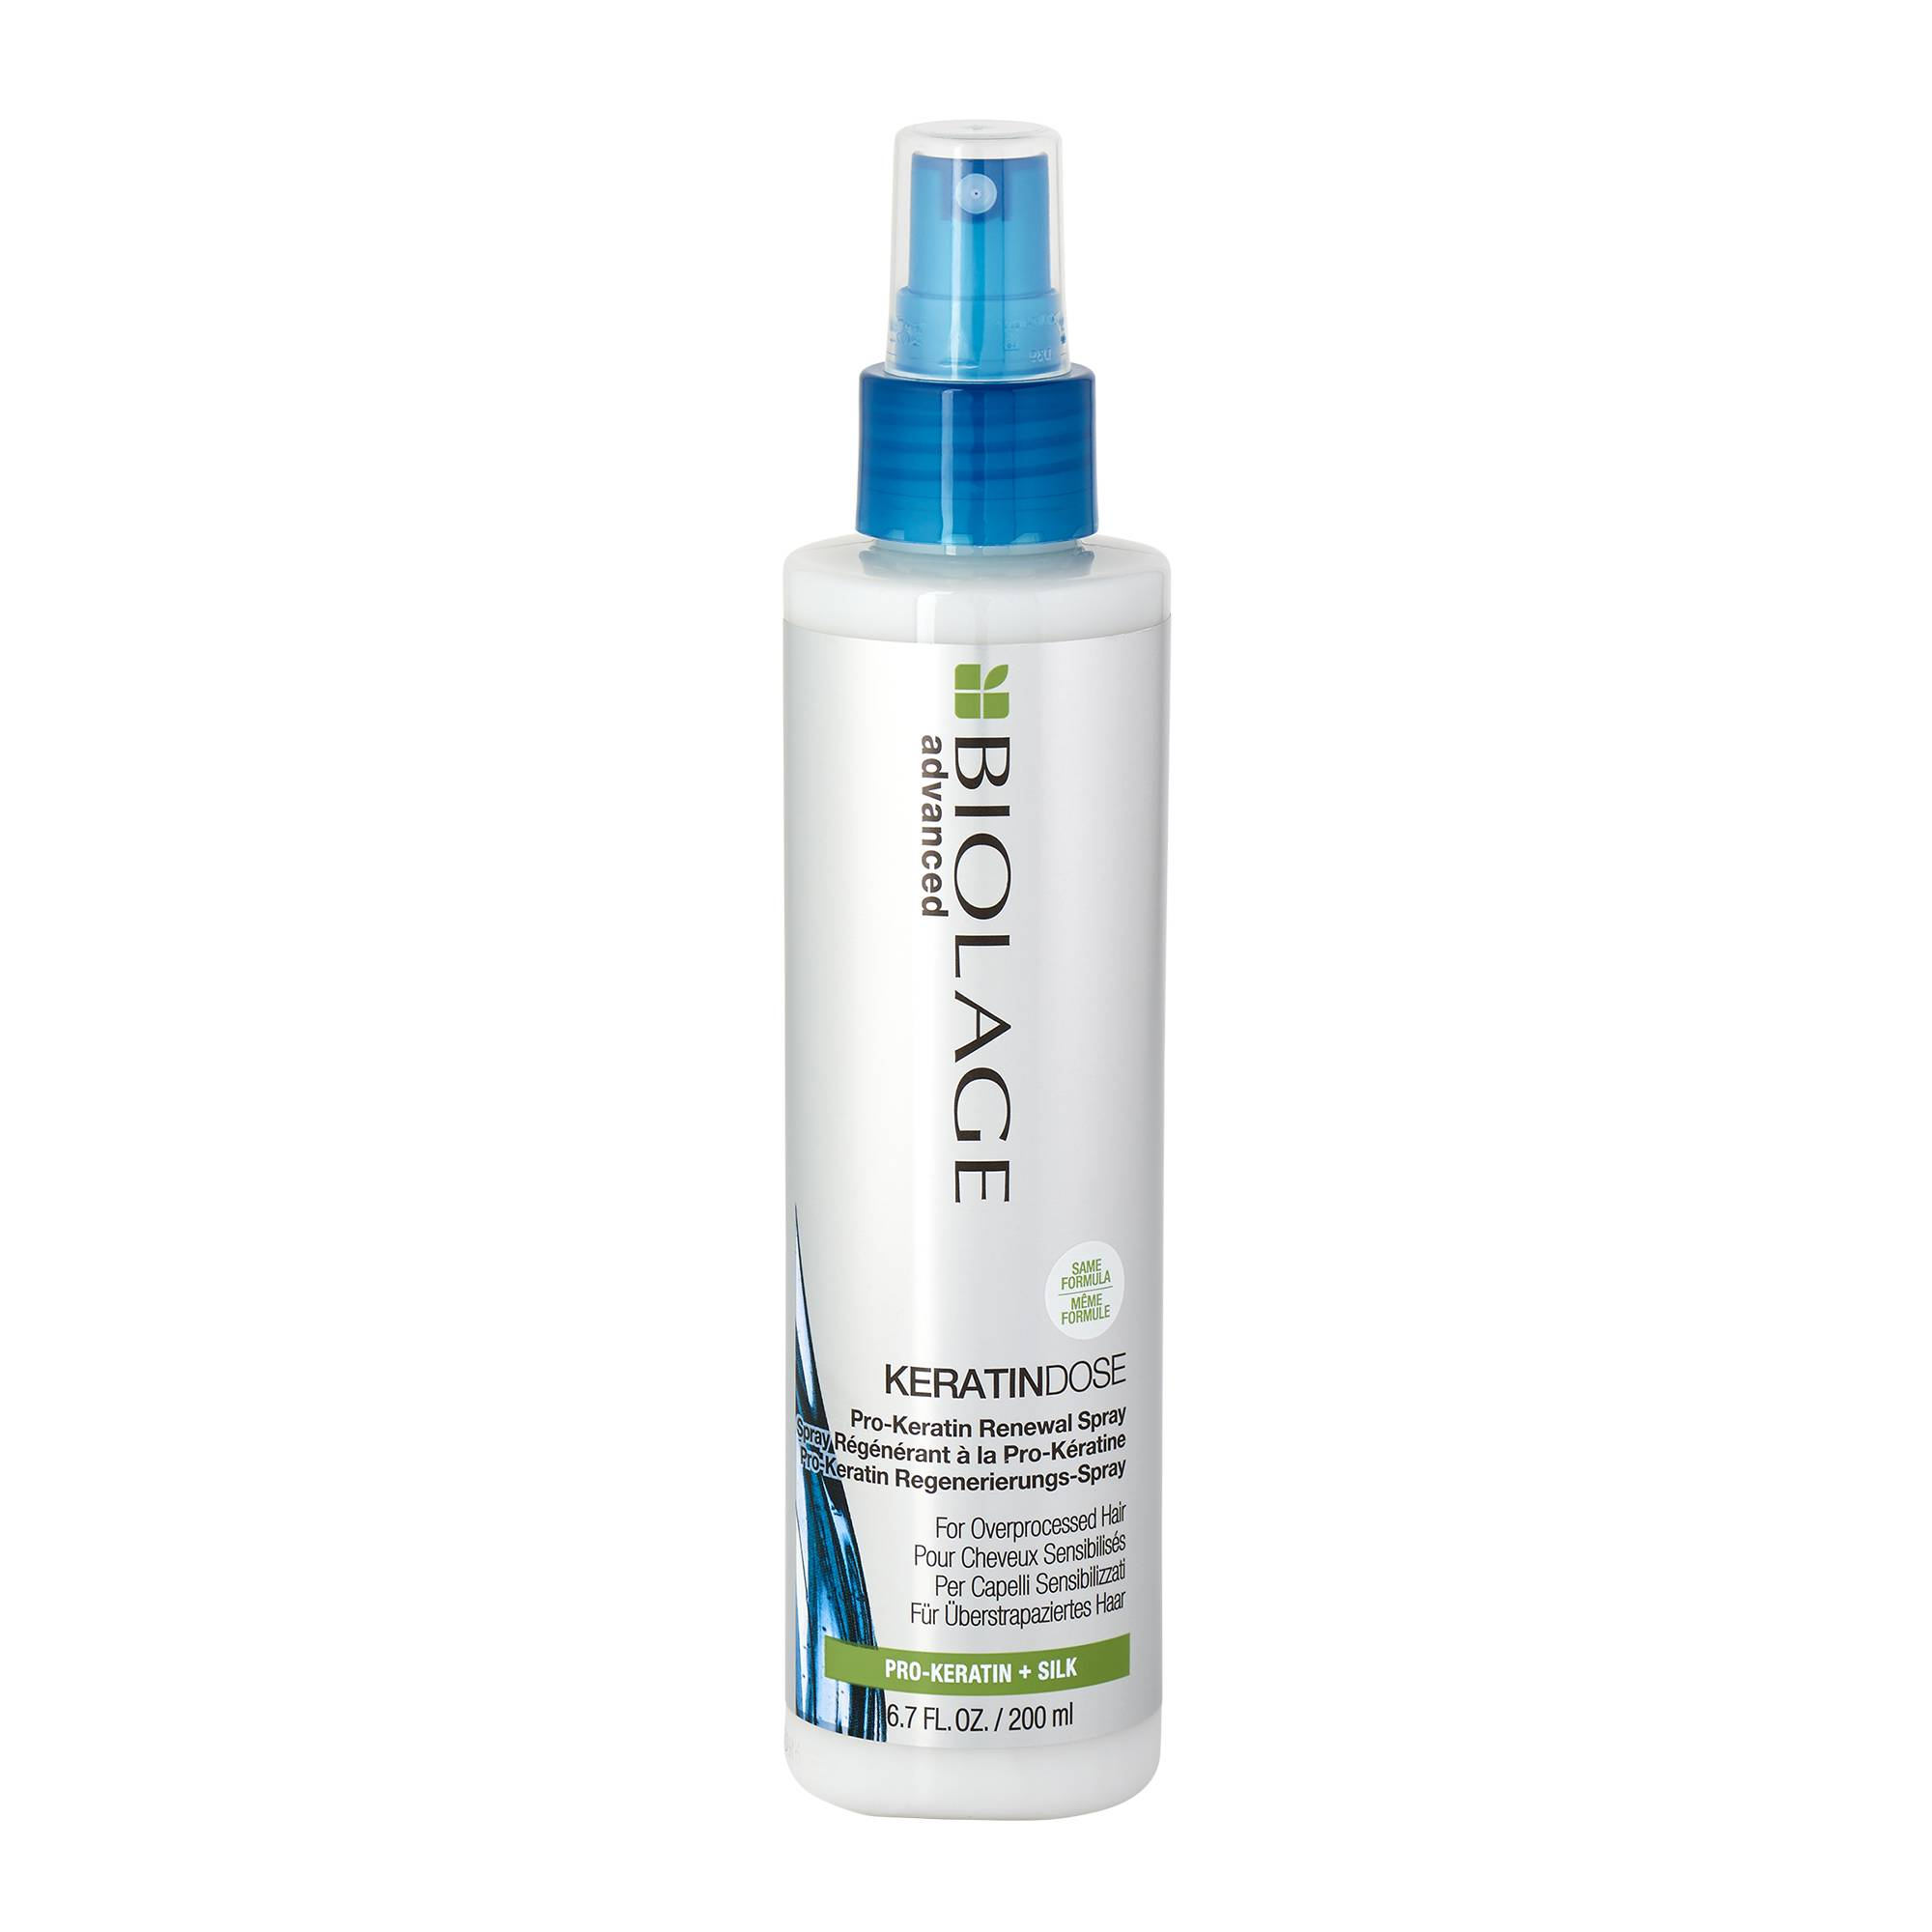 Matrix Biolage Keratindose Pro Keratin Renewal Spray 200ml